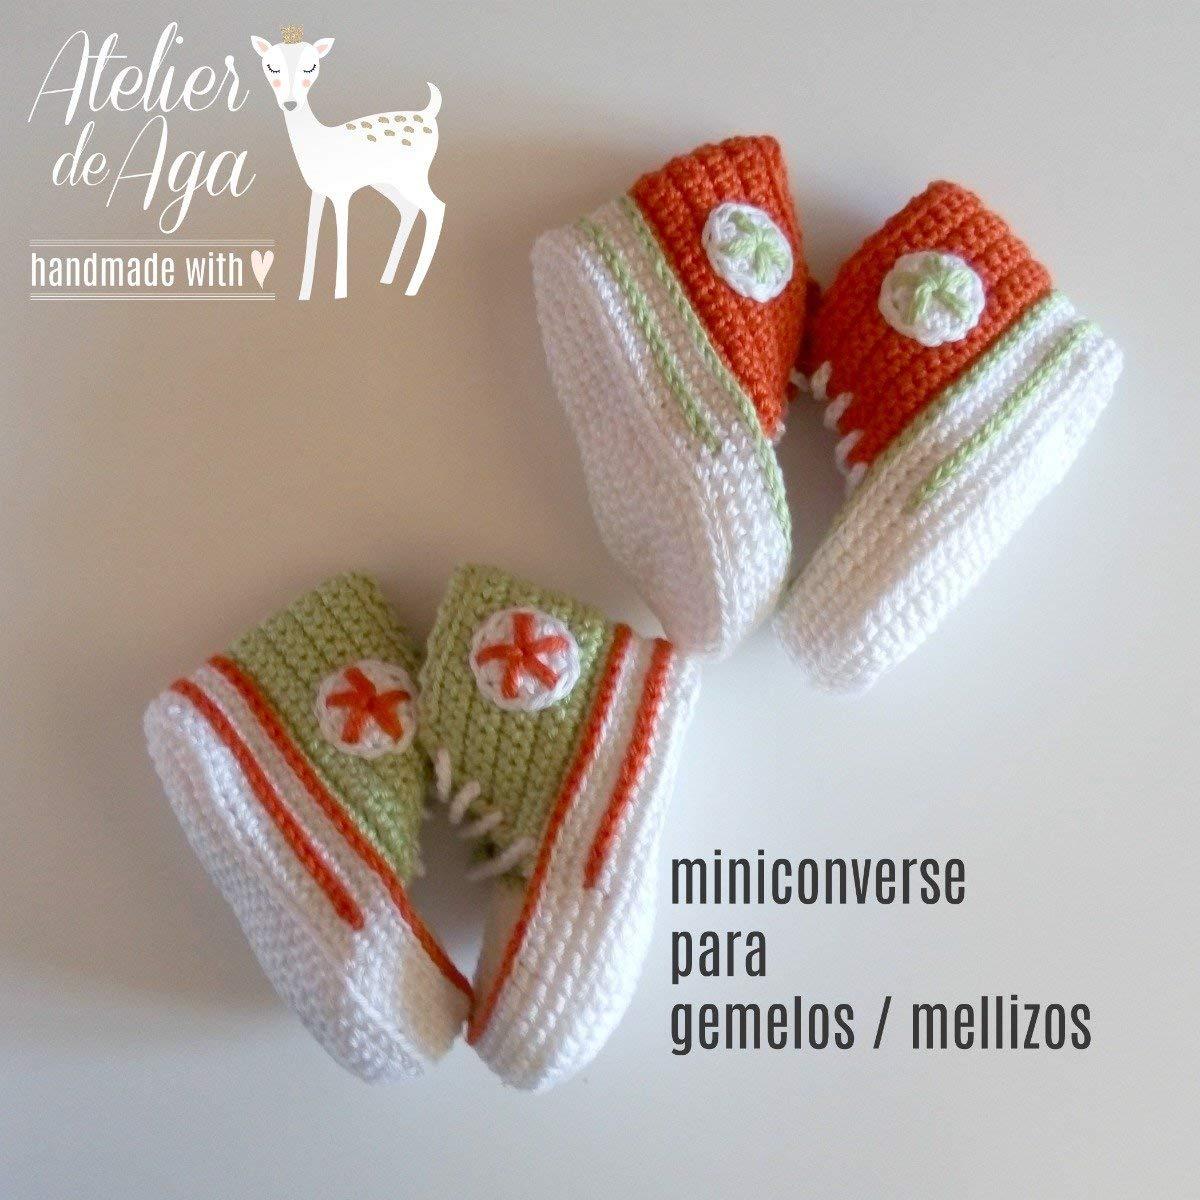 ENVIO GRATIS MINICONVERSE X 2 para MELLIZOS/GEMELOS Patucos sneakers para bebé hechos a mano 100% algodón talla 0-3 meses PISTACHO/NARANJA